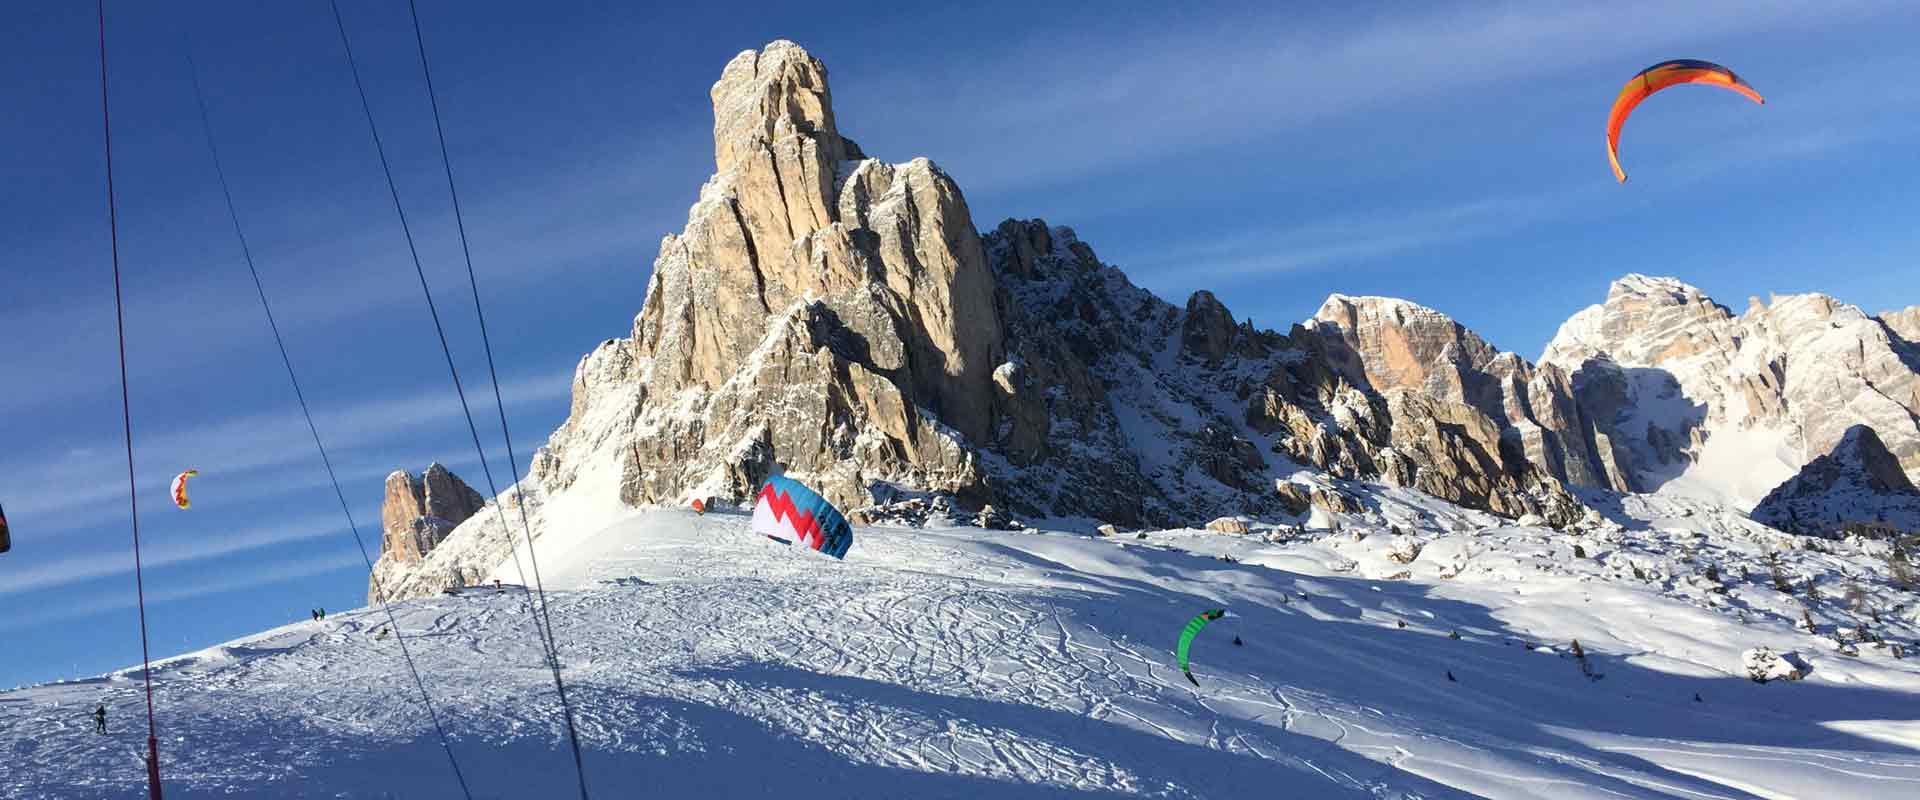 snow-kite-Passo-Giau